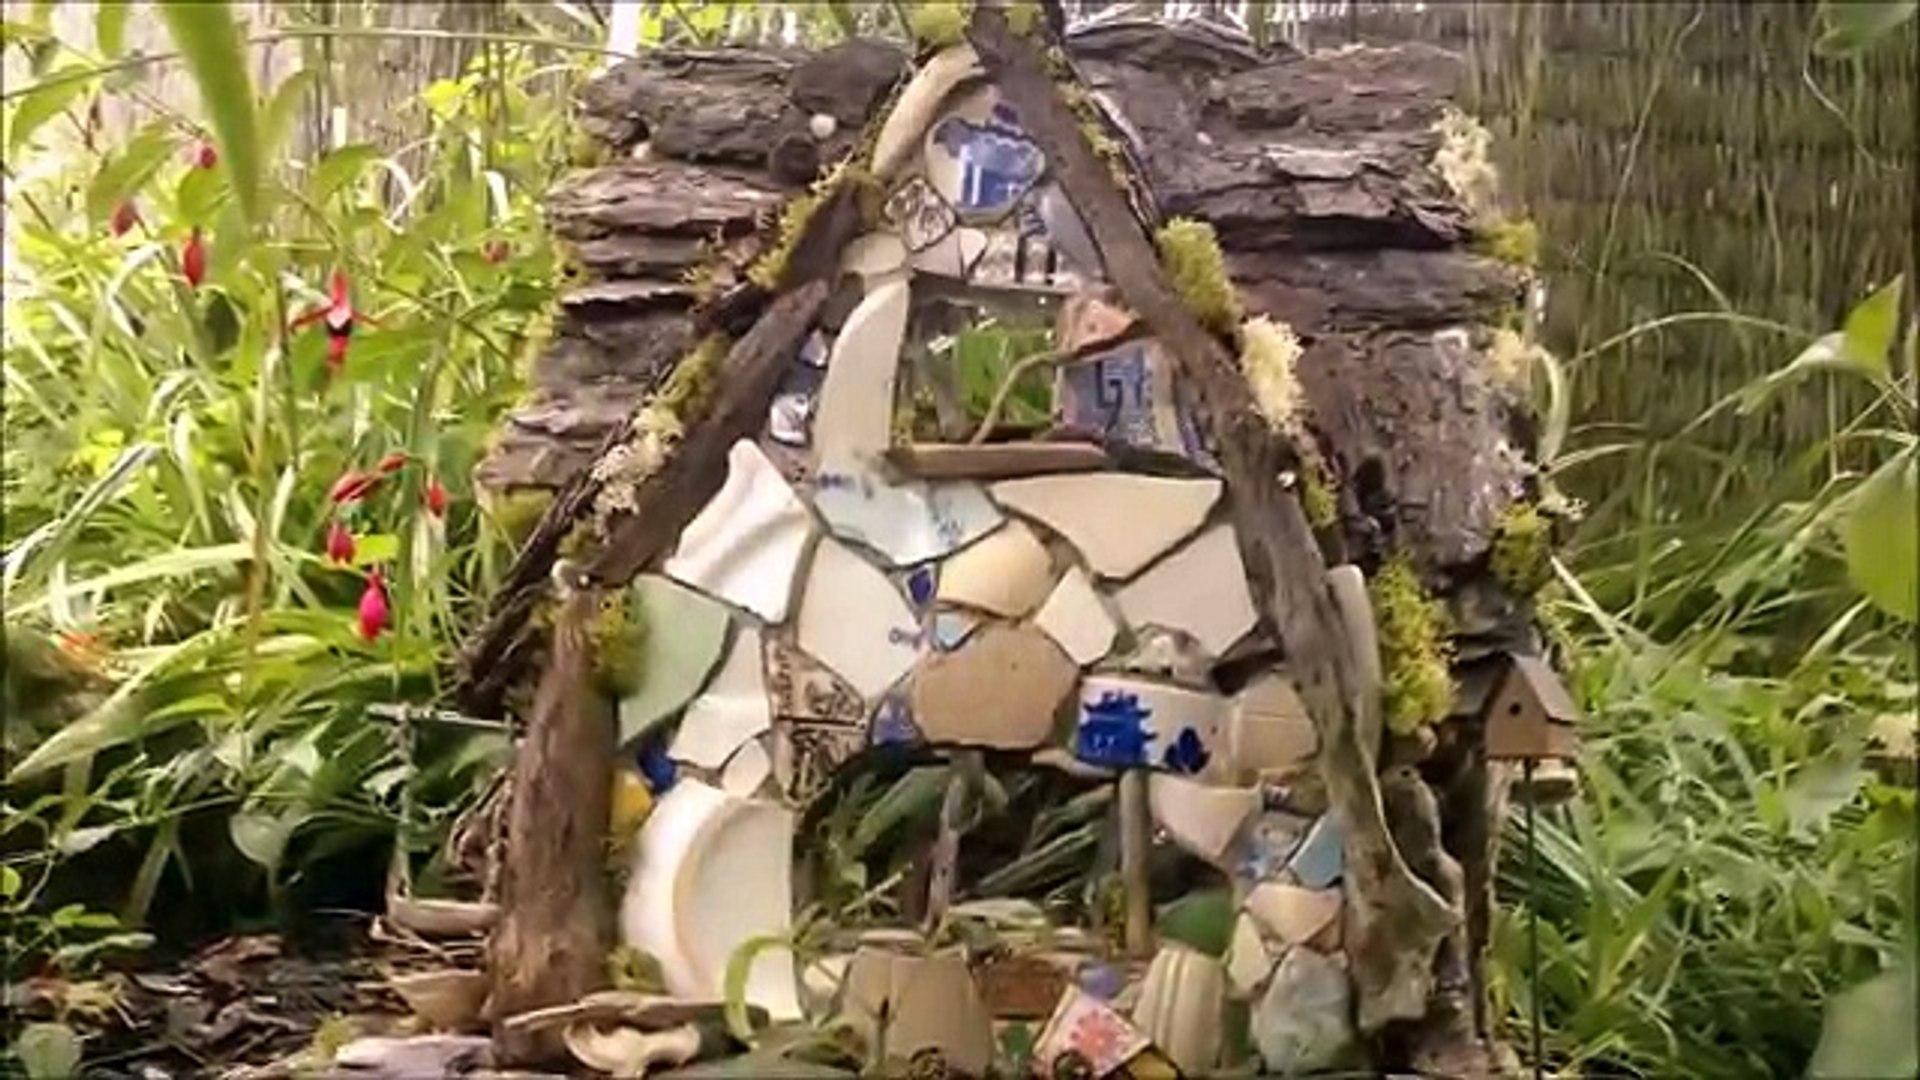 Best Fairy House Ever - Binkys Enchanted Fairy House